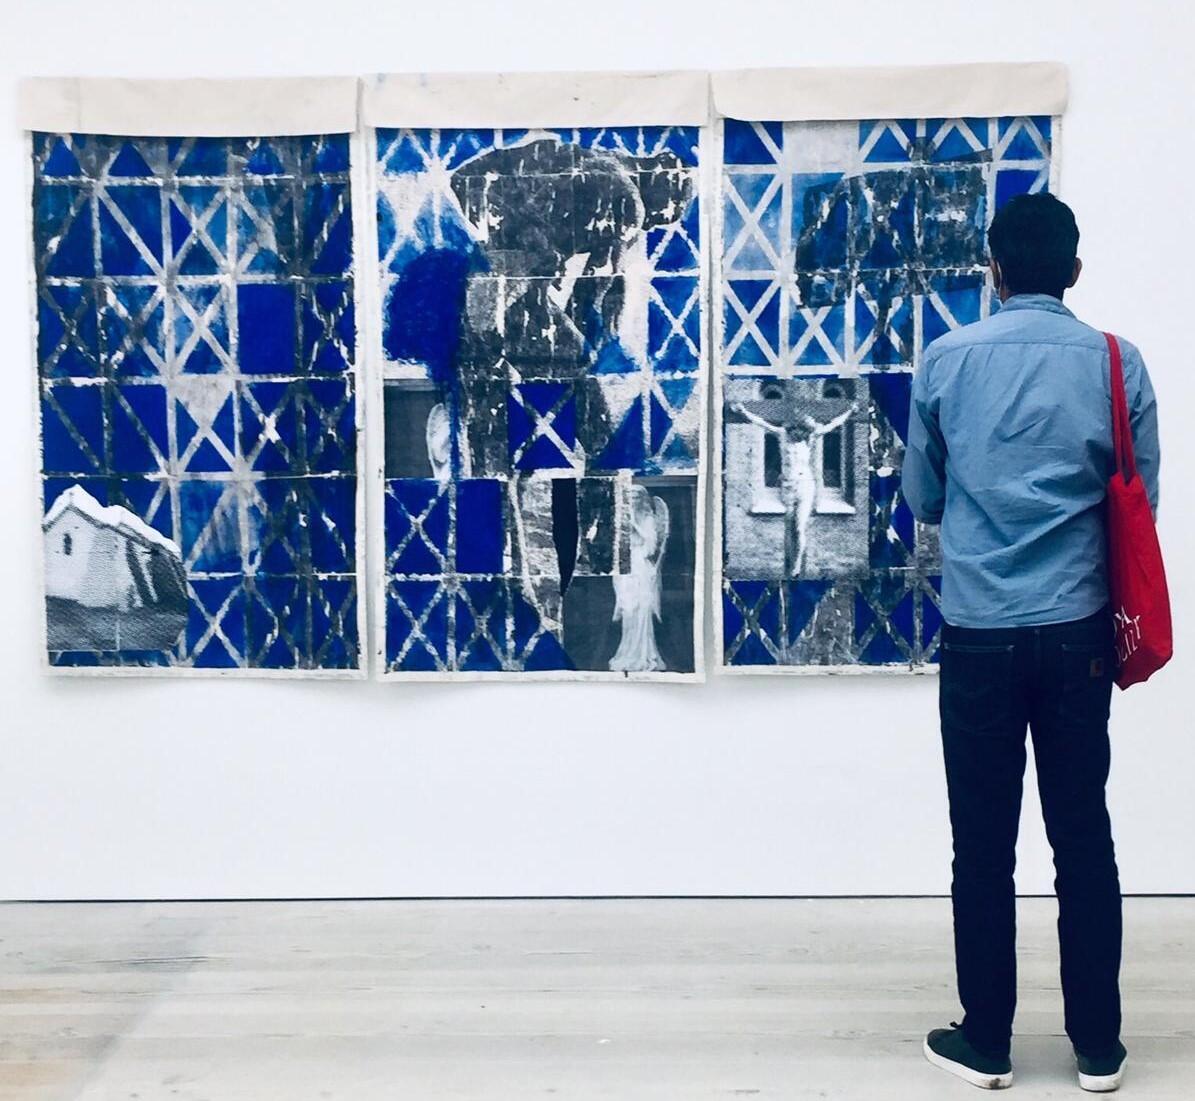 Obra de Januário Jano em exposição.